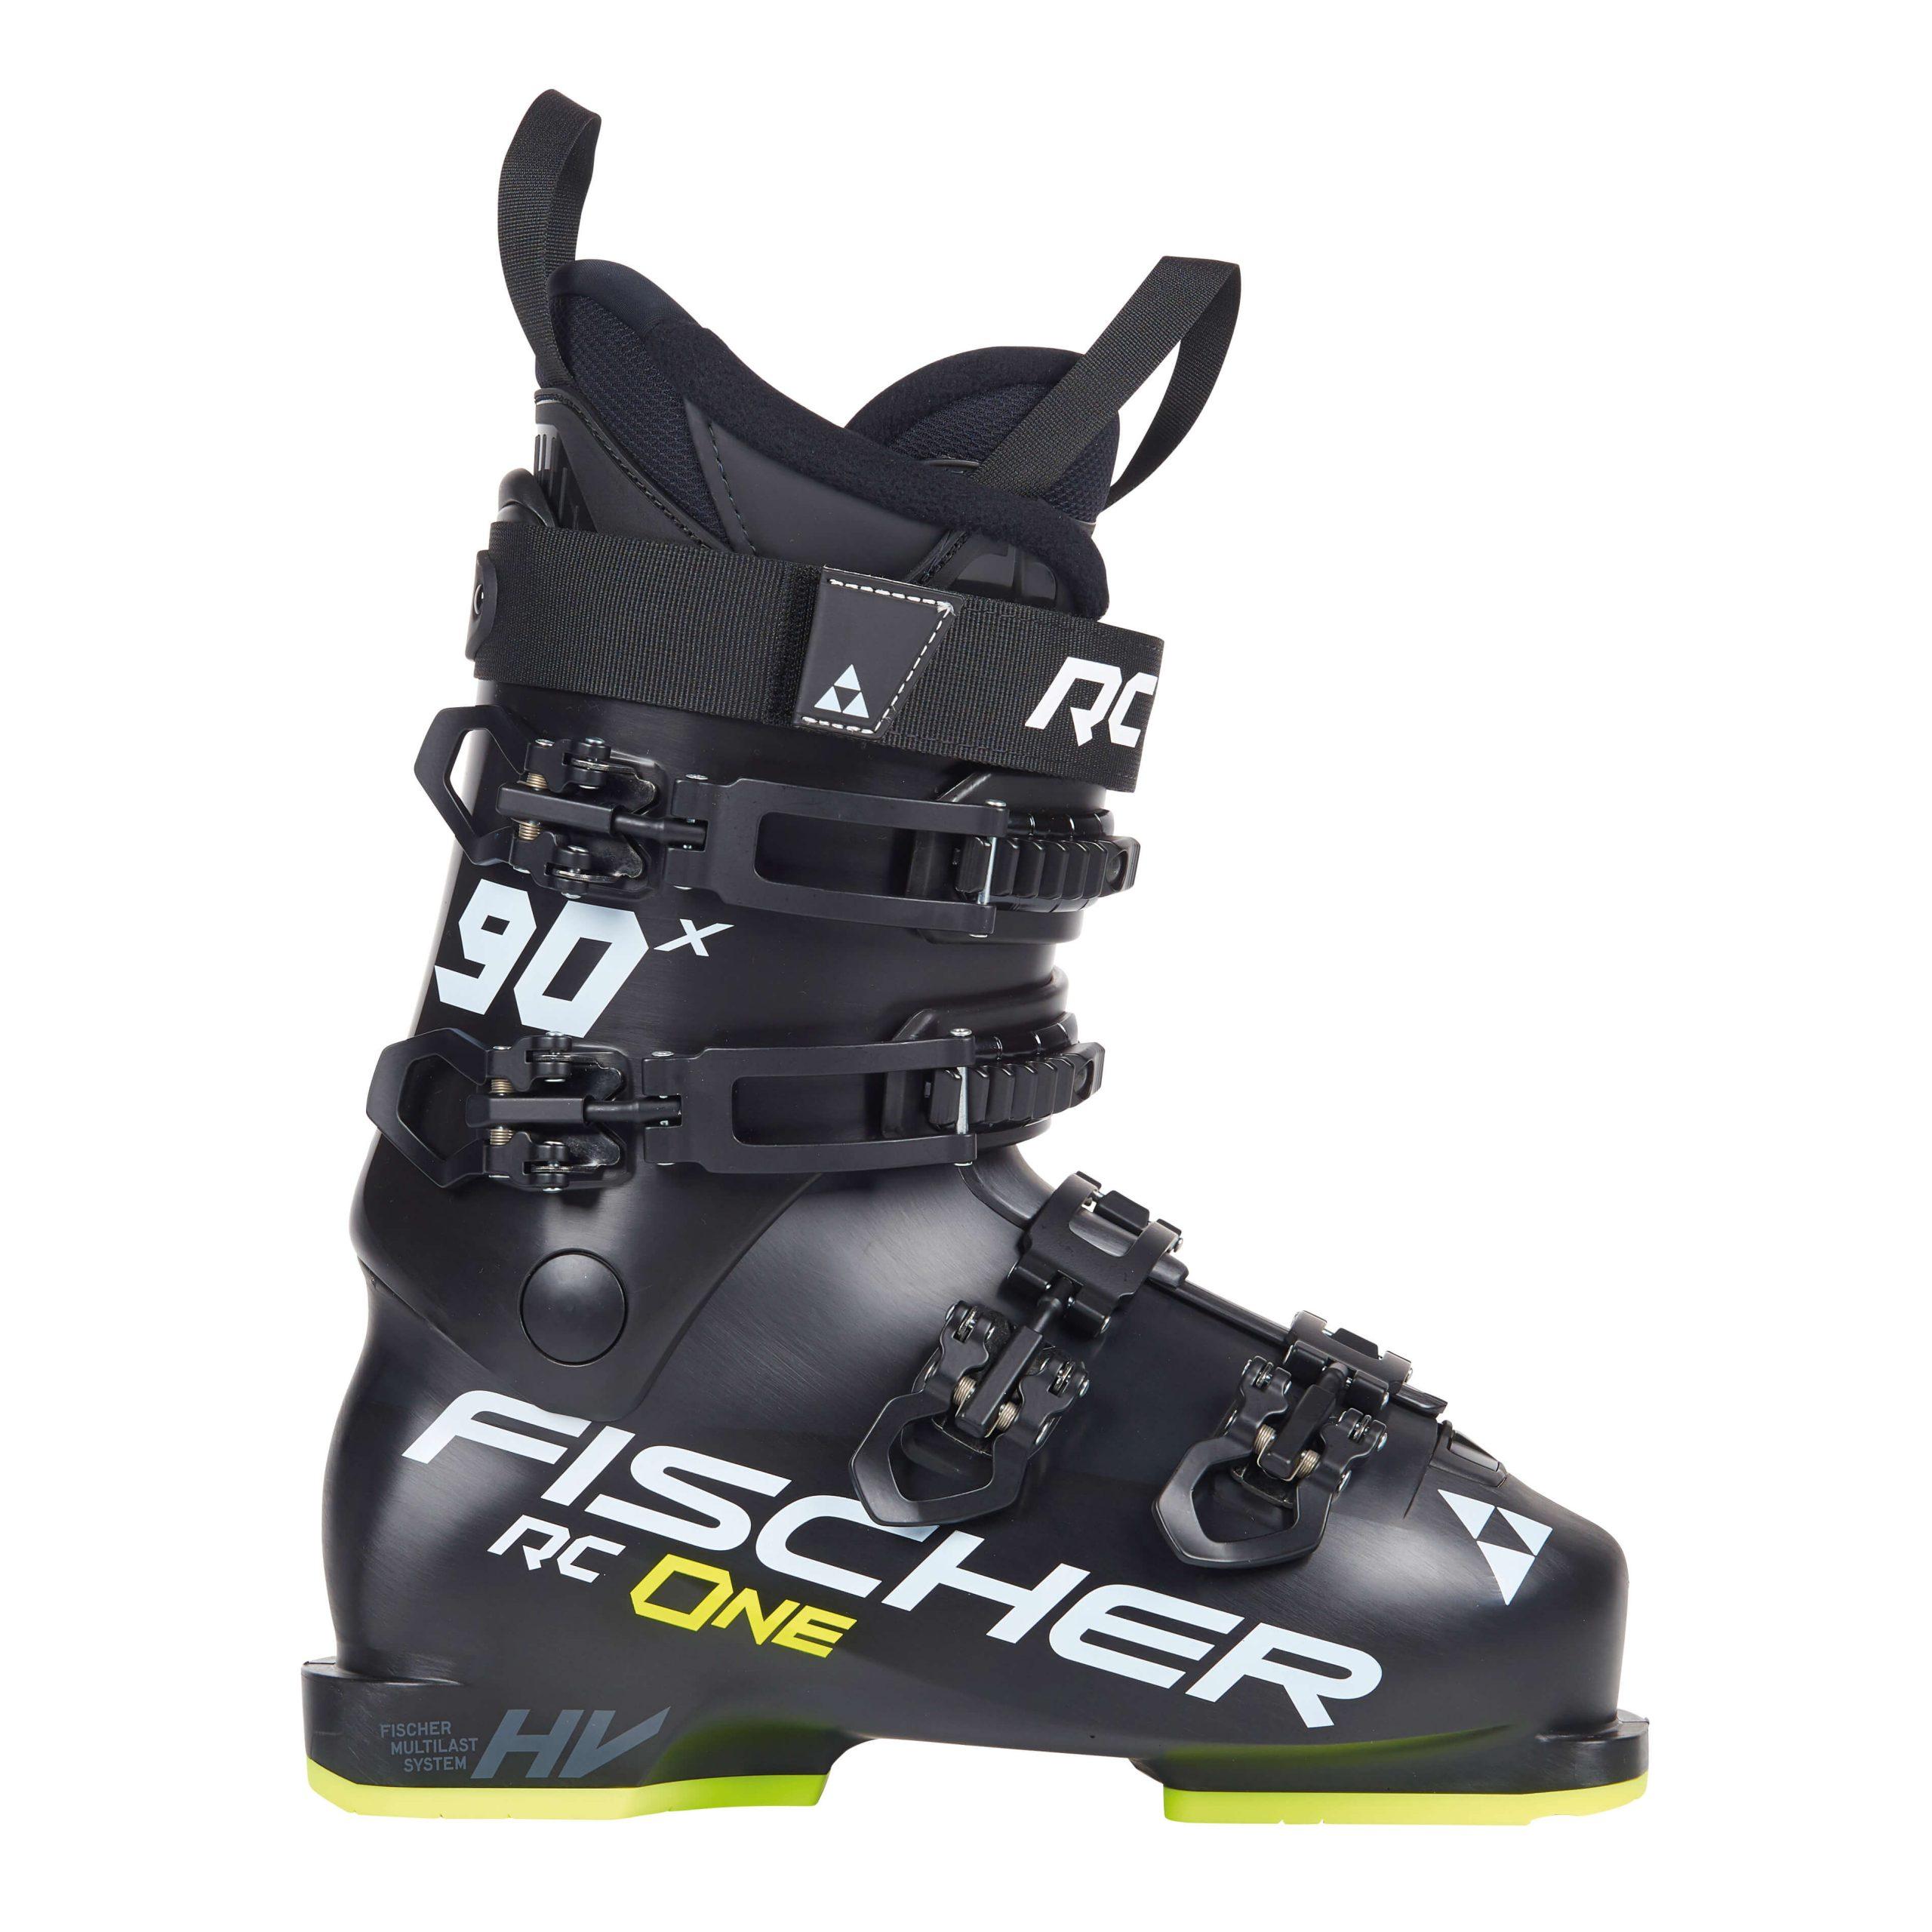 buty narciarskie fischer rc one x 90 black yellow 2021